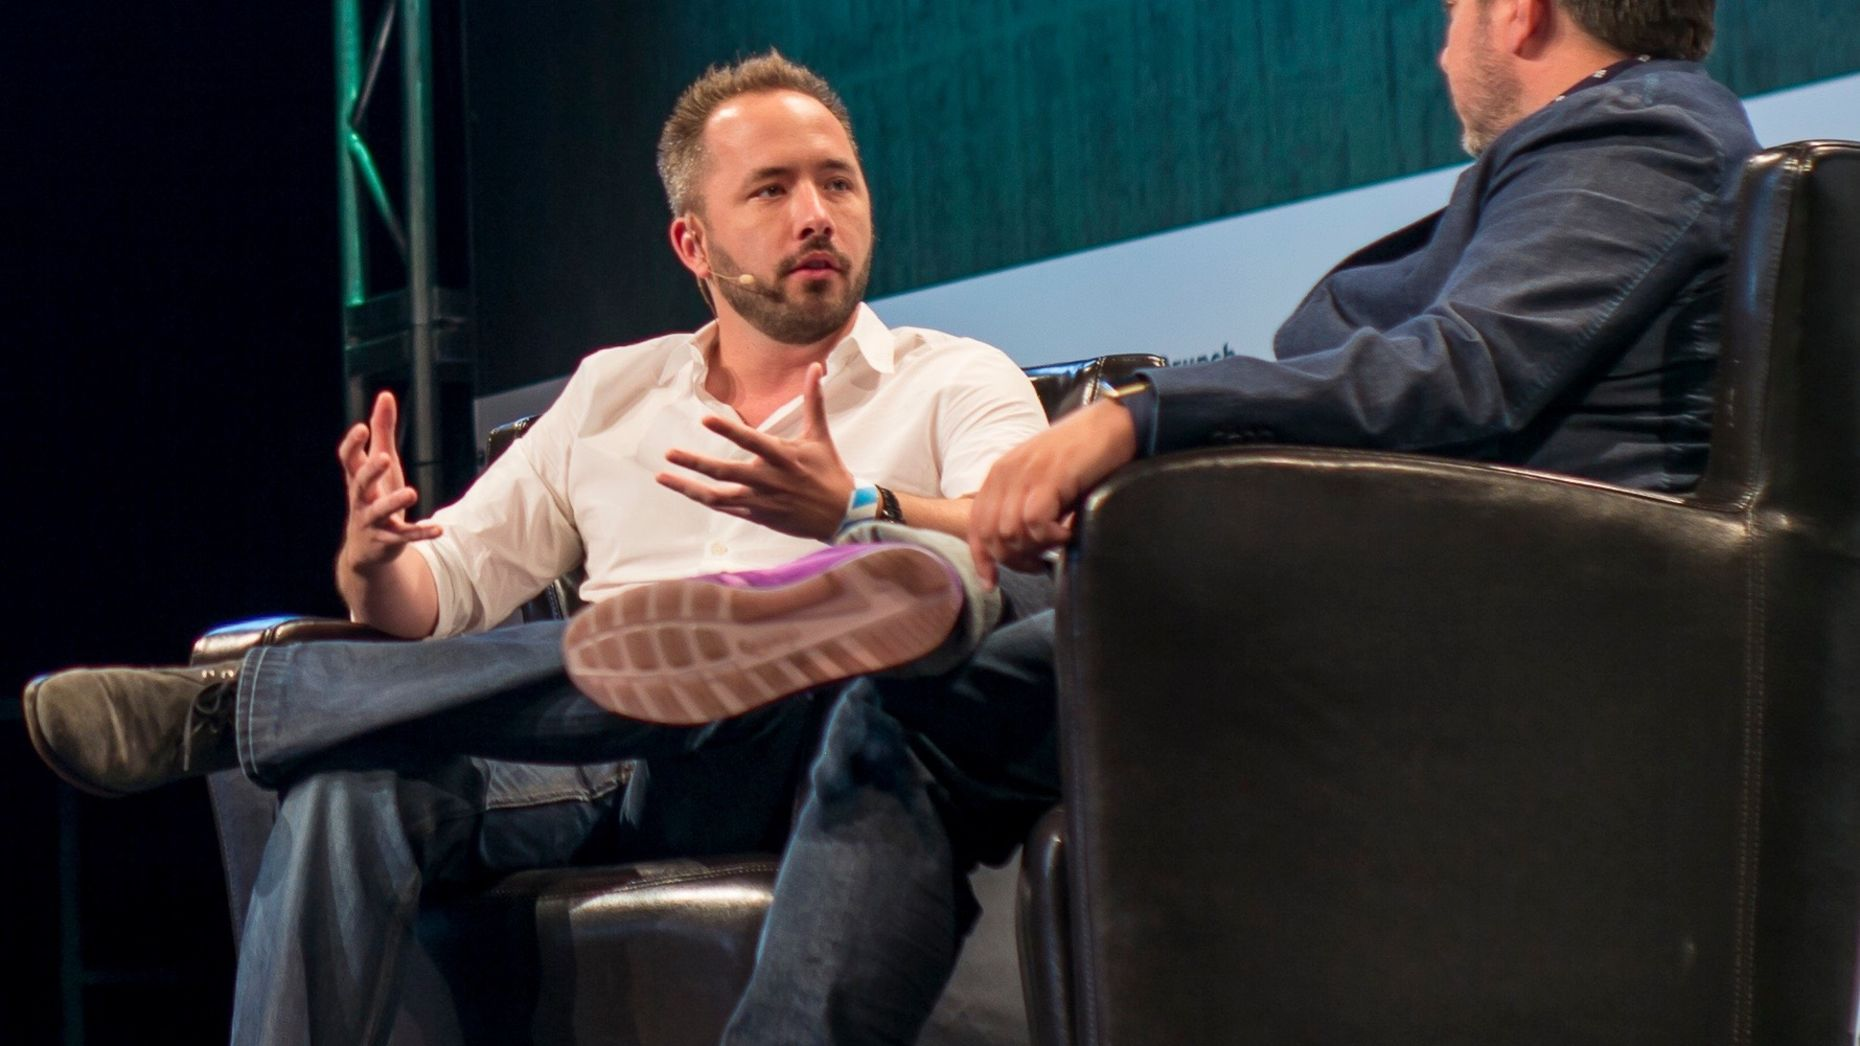 Dropbox CEO Drew  Houston, left. Photo by Bloomberg.